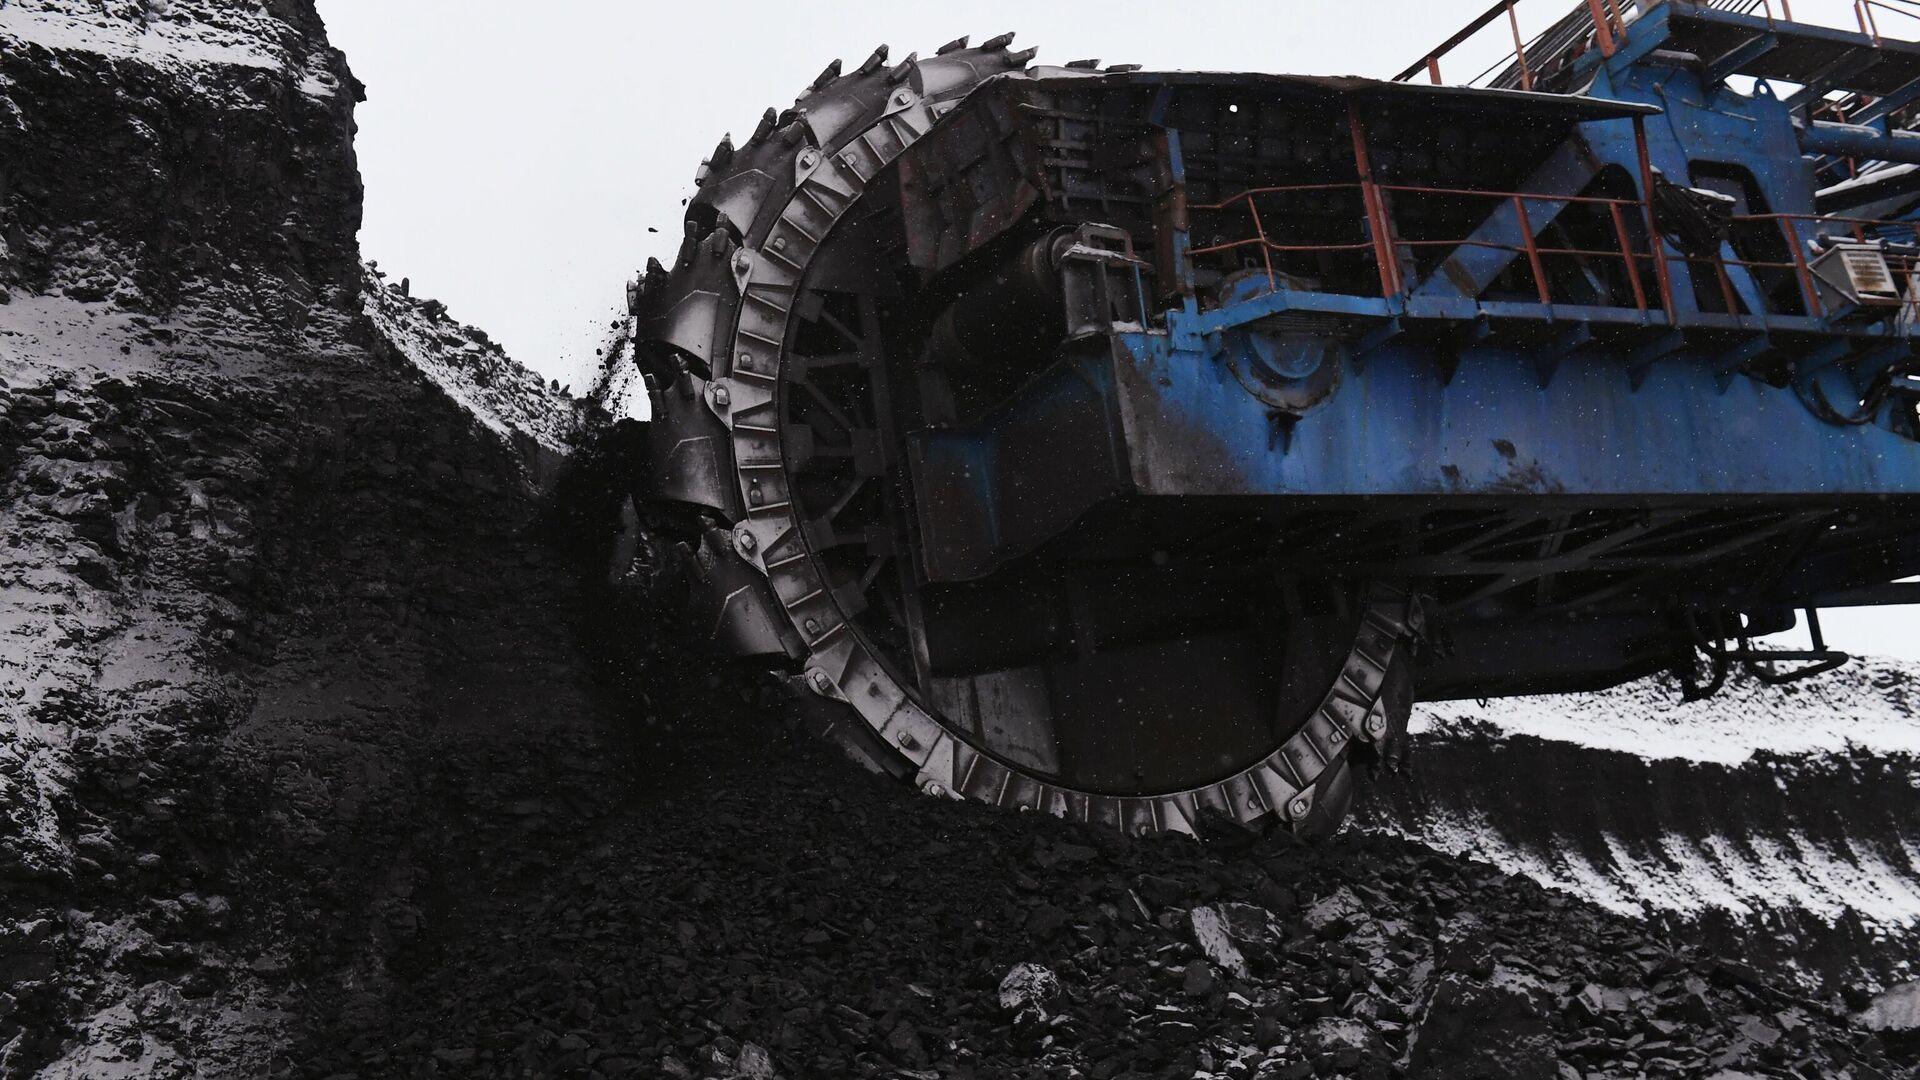 Карьерный роторный экскаватор ЭРП-2500 добывает уголь на крупнейшем в России Бородинском угольном разрезе  - РИА Новости, 1920, 06.02.2020